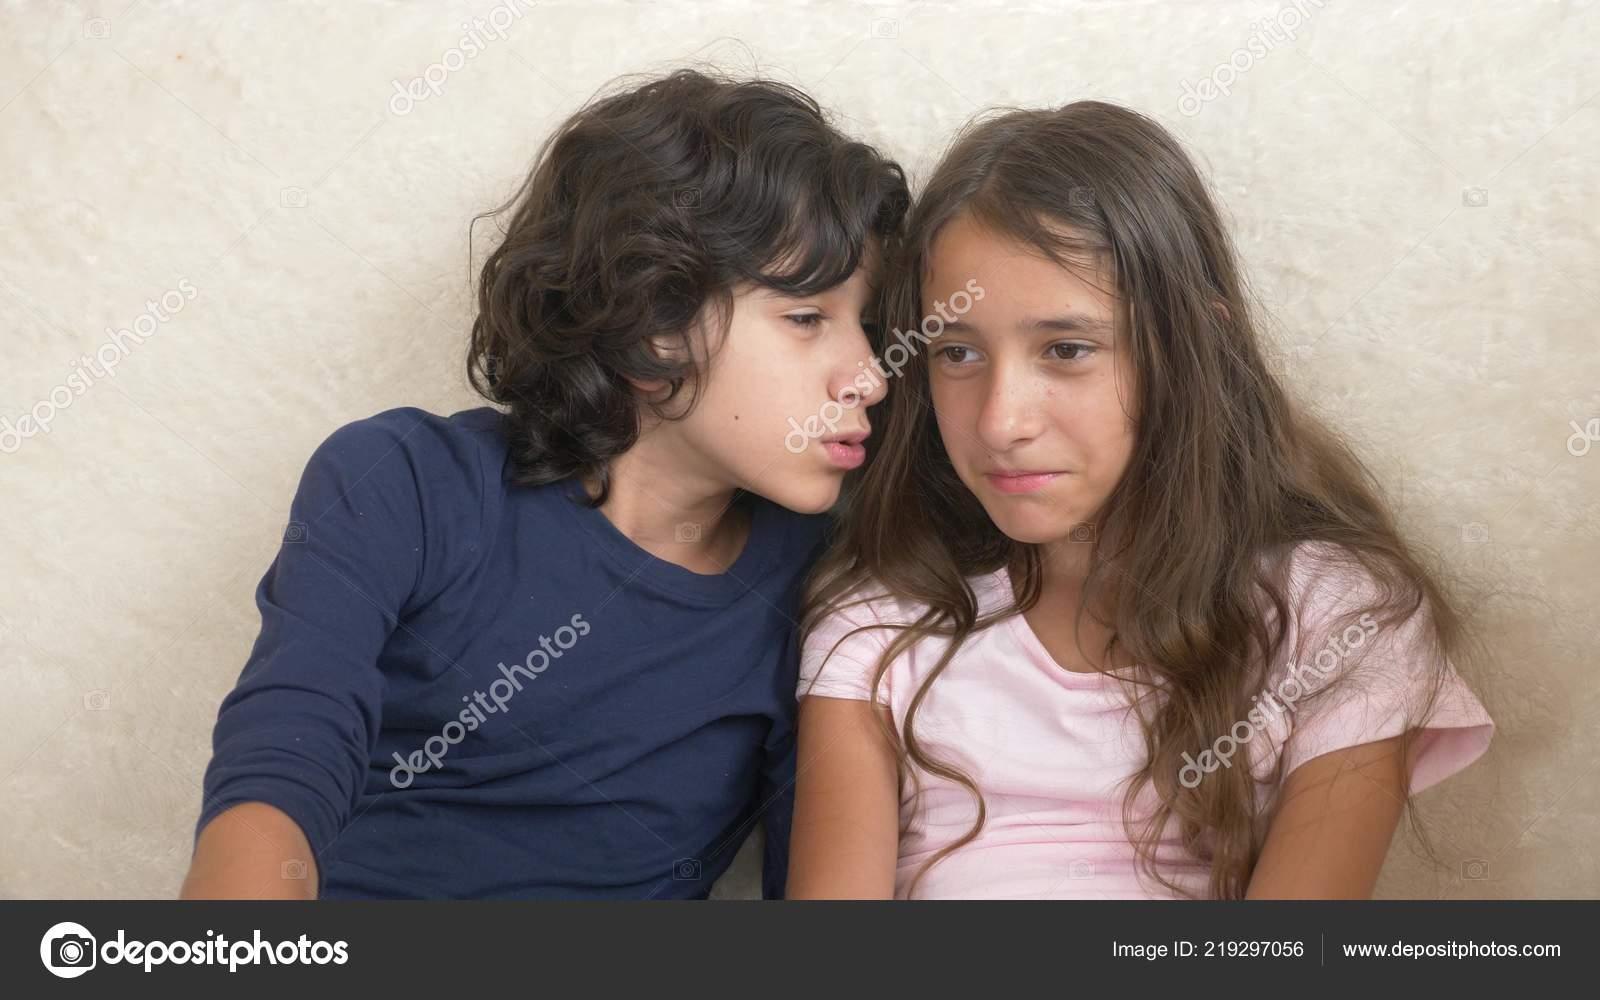 Смотреть секс брат и сестра онлайн, Инцест брат и сестра - смотреть лучшее порно. Ебалка 22 фотография